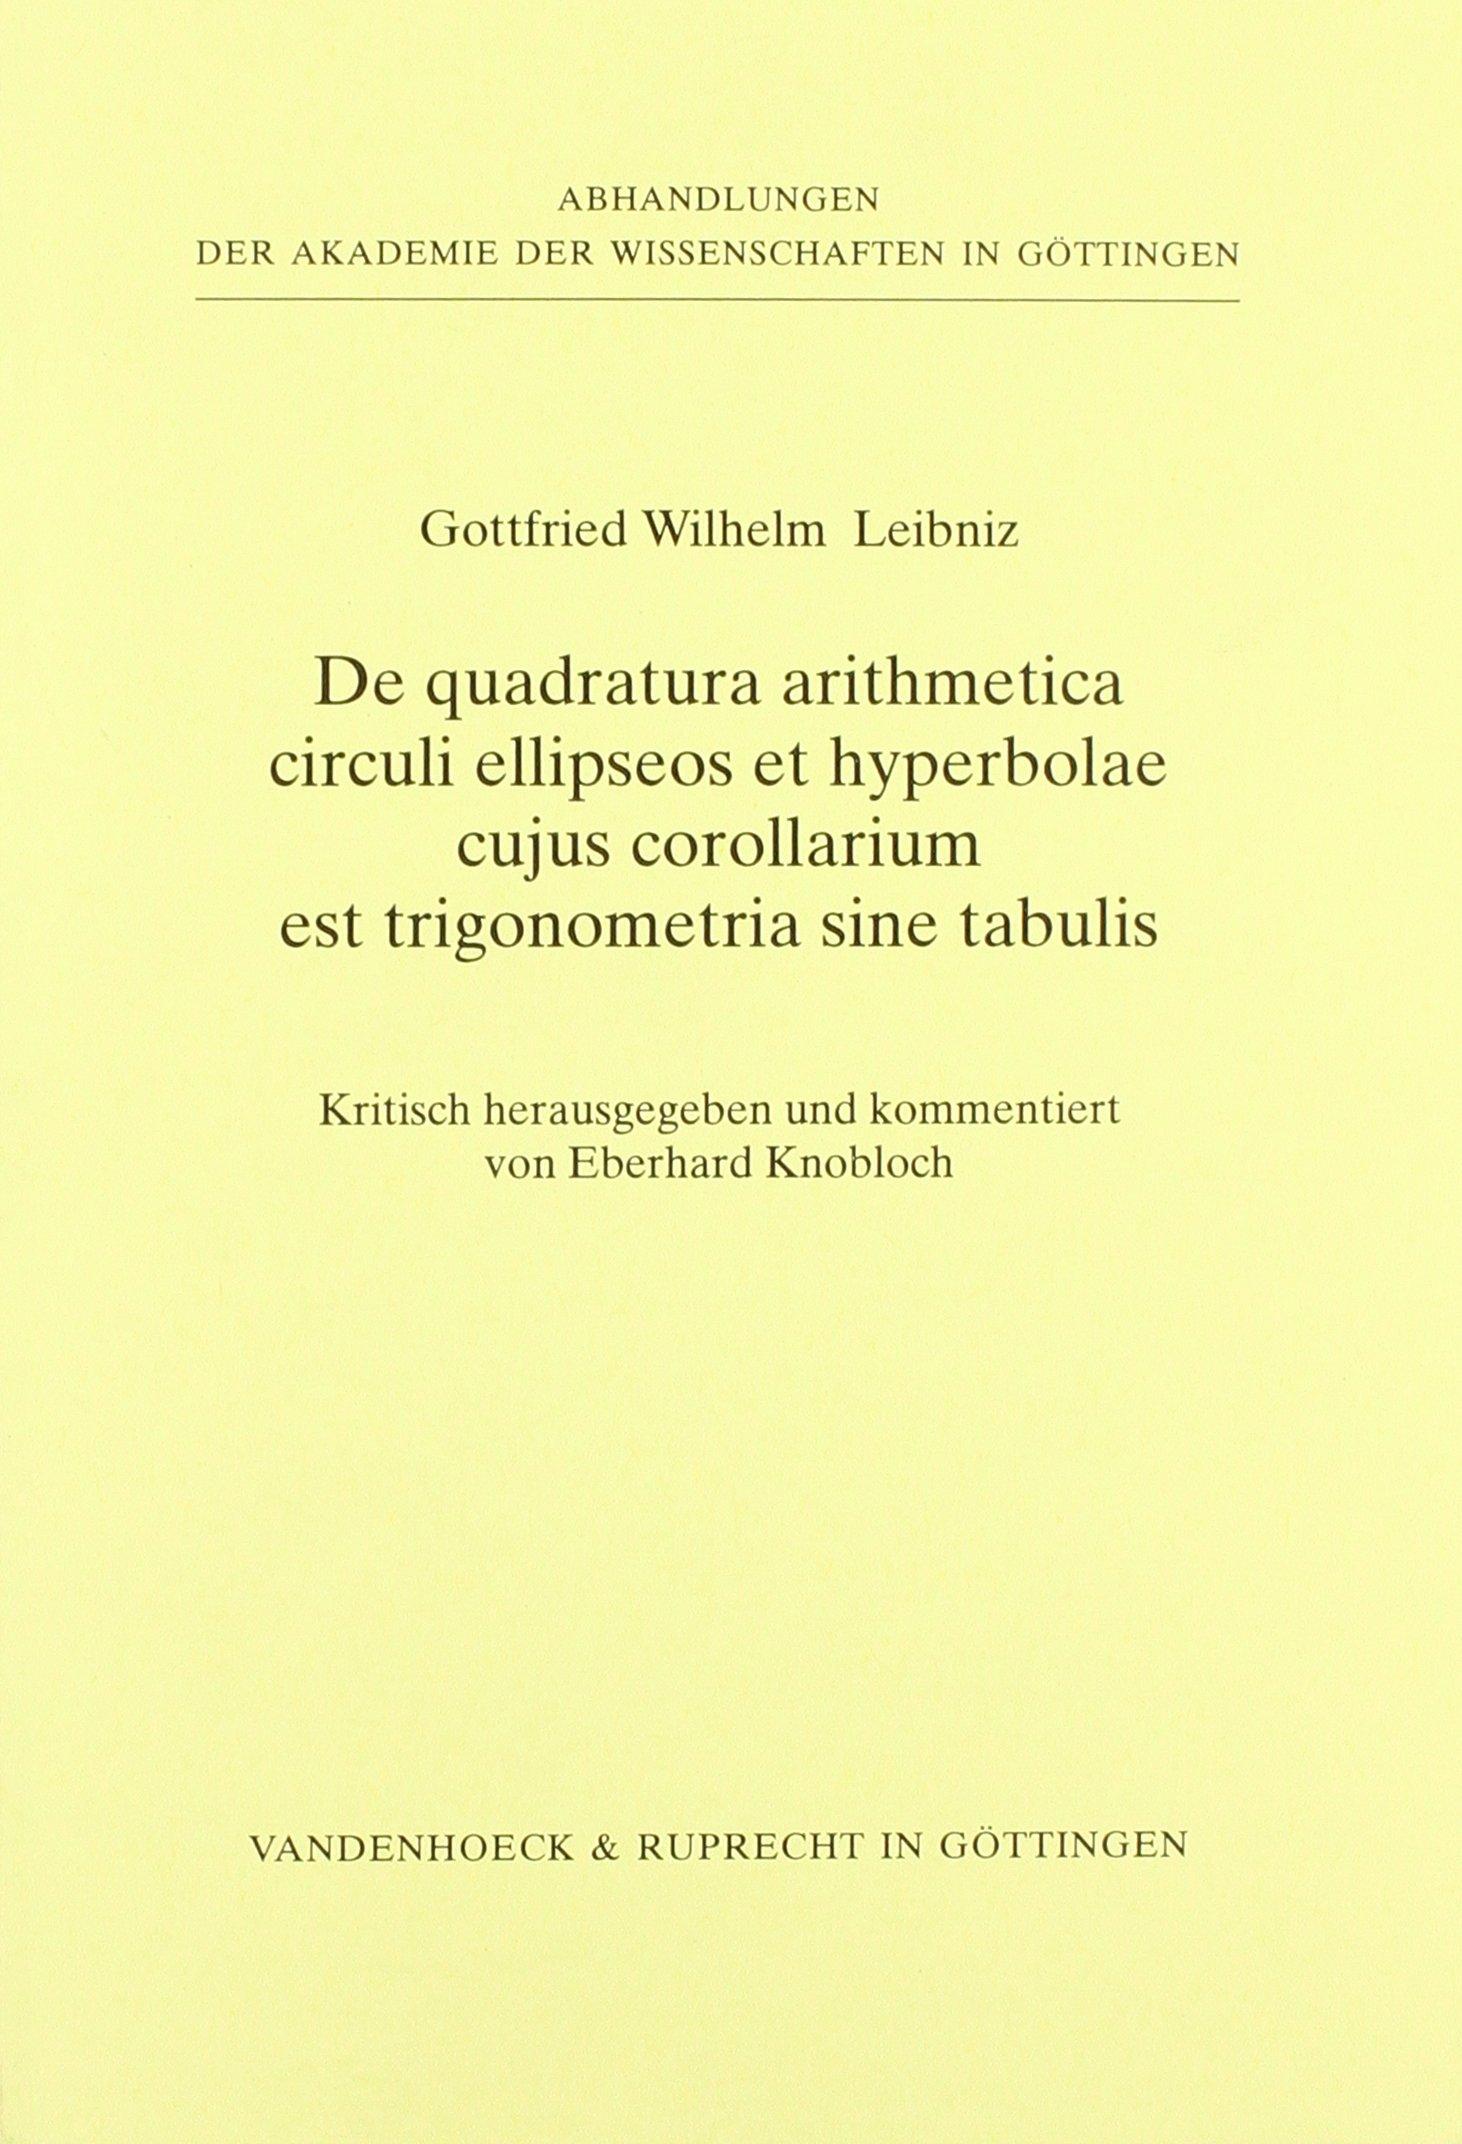 De quadratura arithmetica circuli ellipseos et hyperbolae cujus corollarium est trigonometria sine tabulis (Abhandlungen der Akademie der ... Klasse. 3. Folge, Band 43)